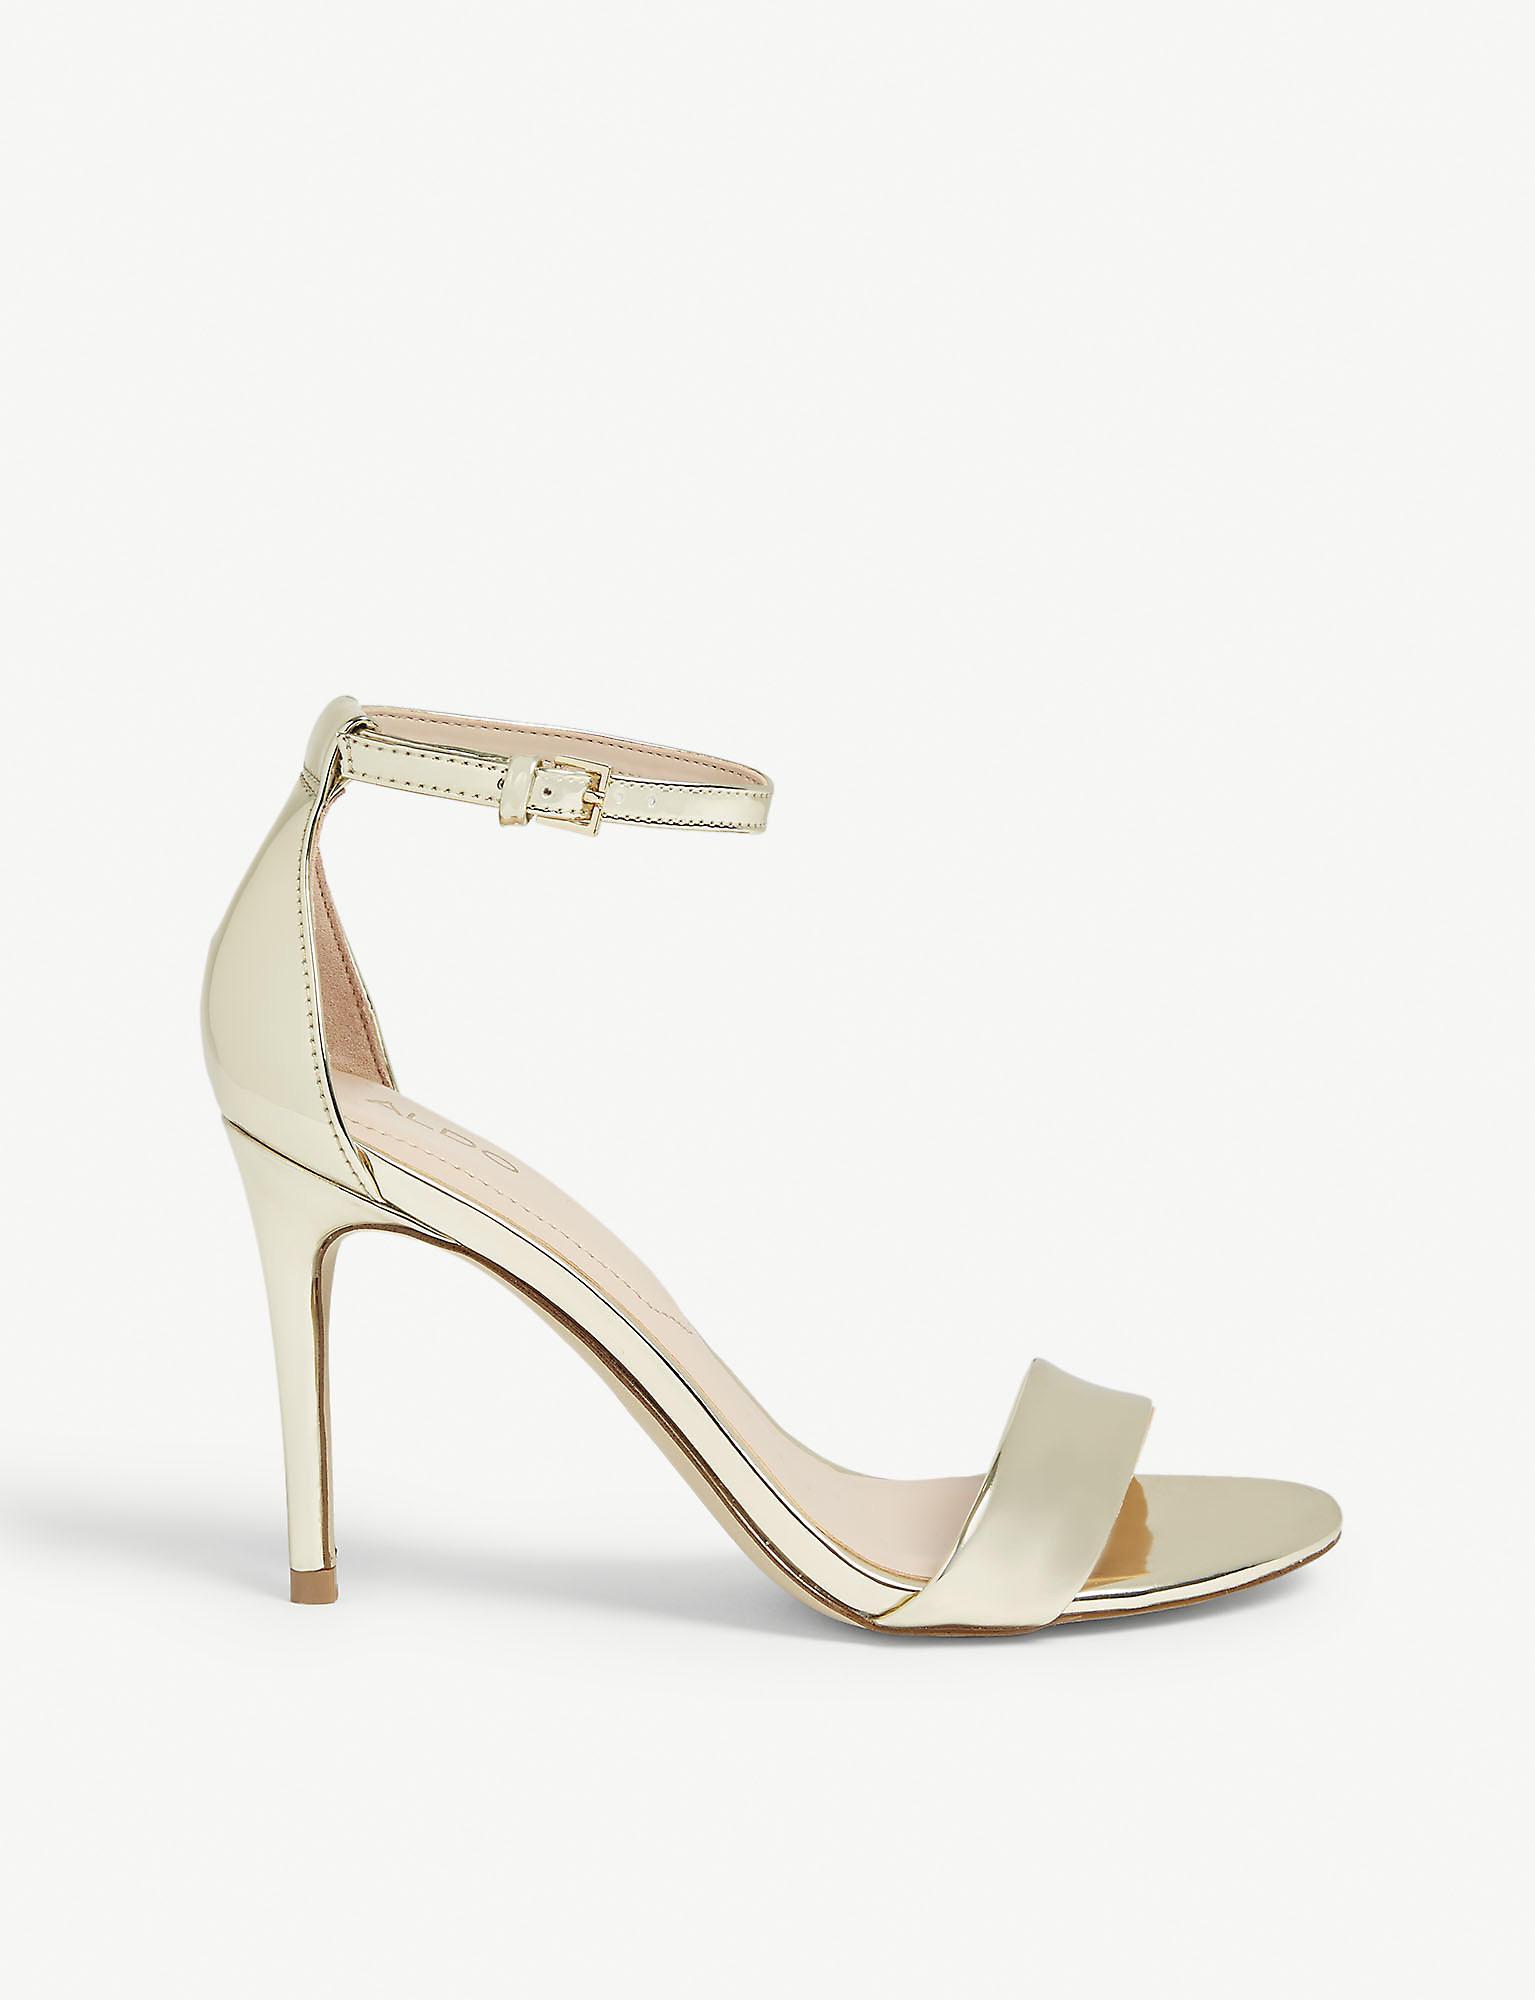 c721cb23f ALDO Cally Patent Sandals in Metallic - Lyst